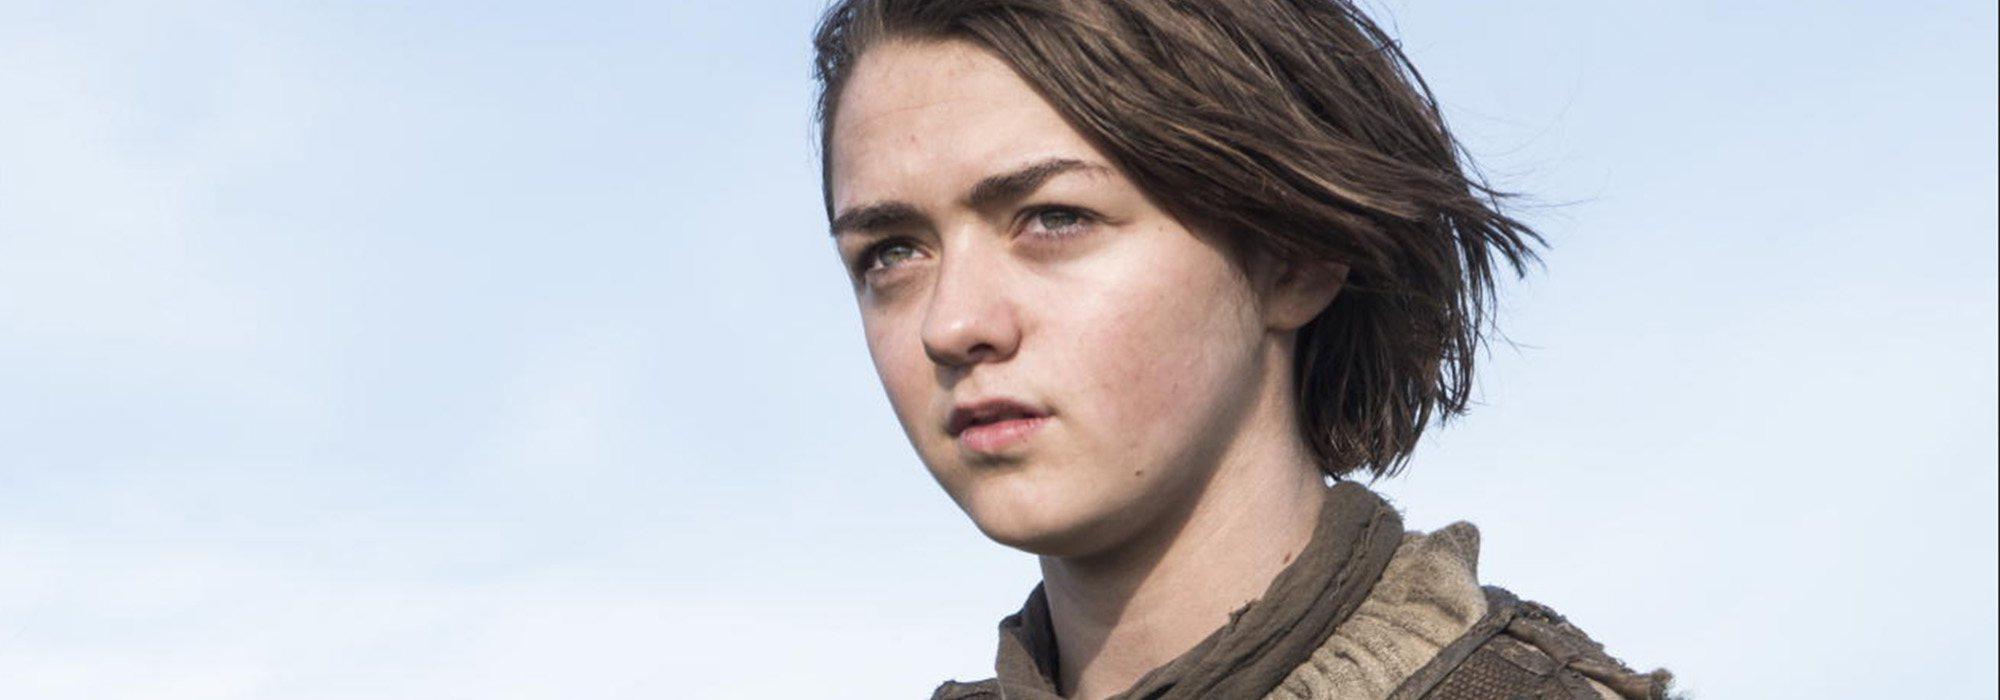 Arya Stark como personaje fuerte femenino en 'Juego de Tronos'